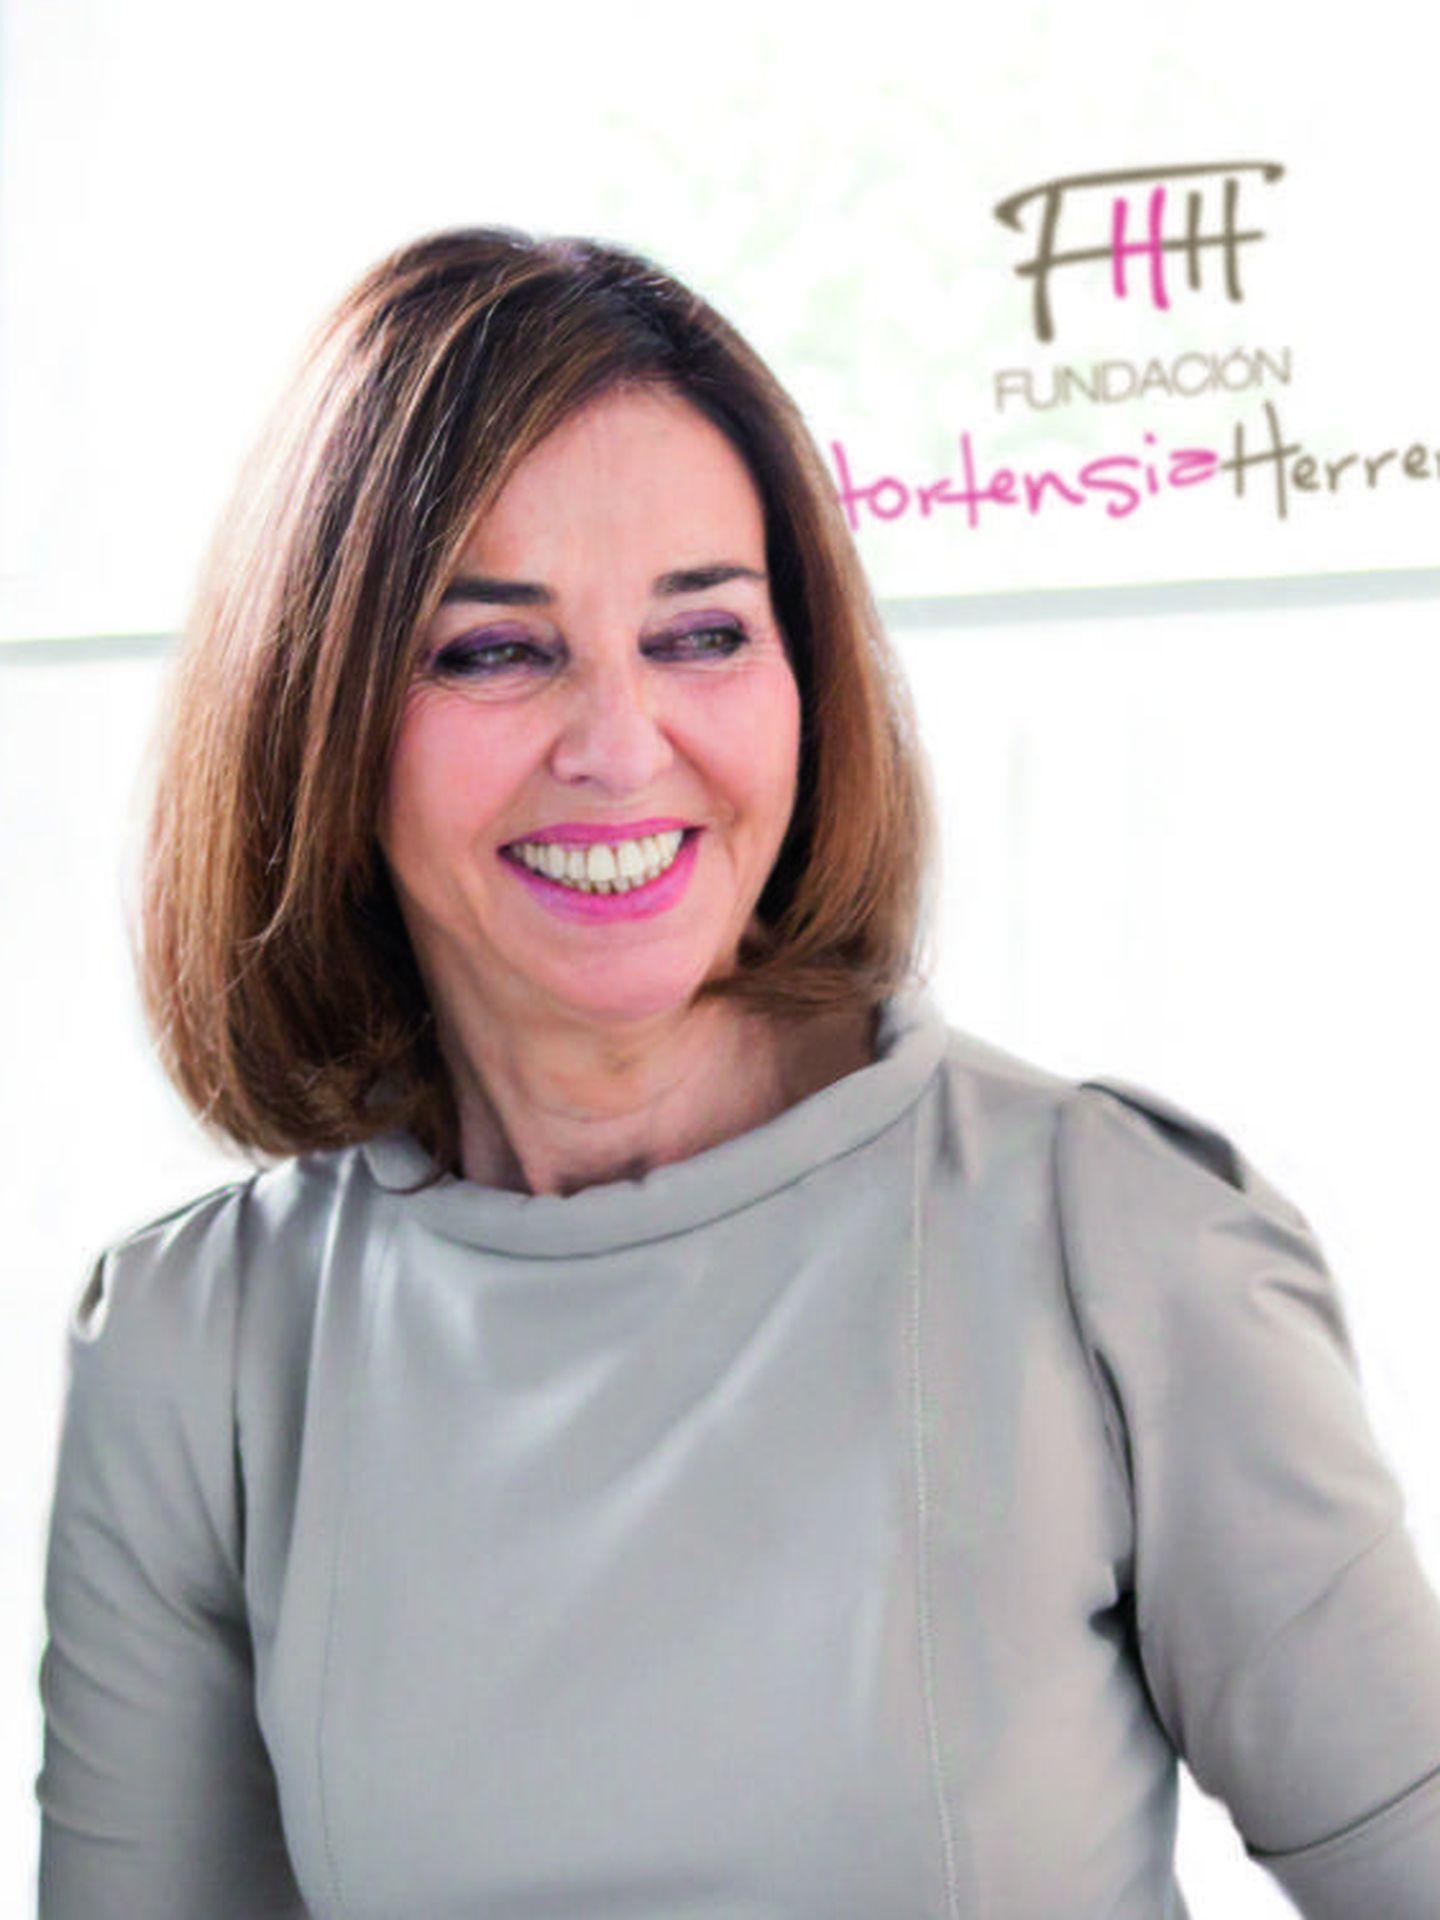 Hortensia Herrero.